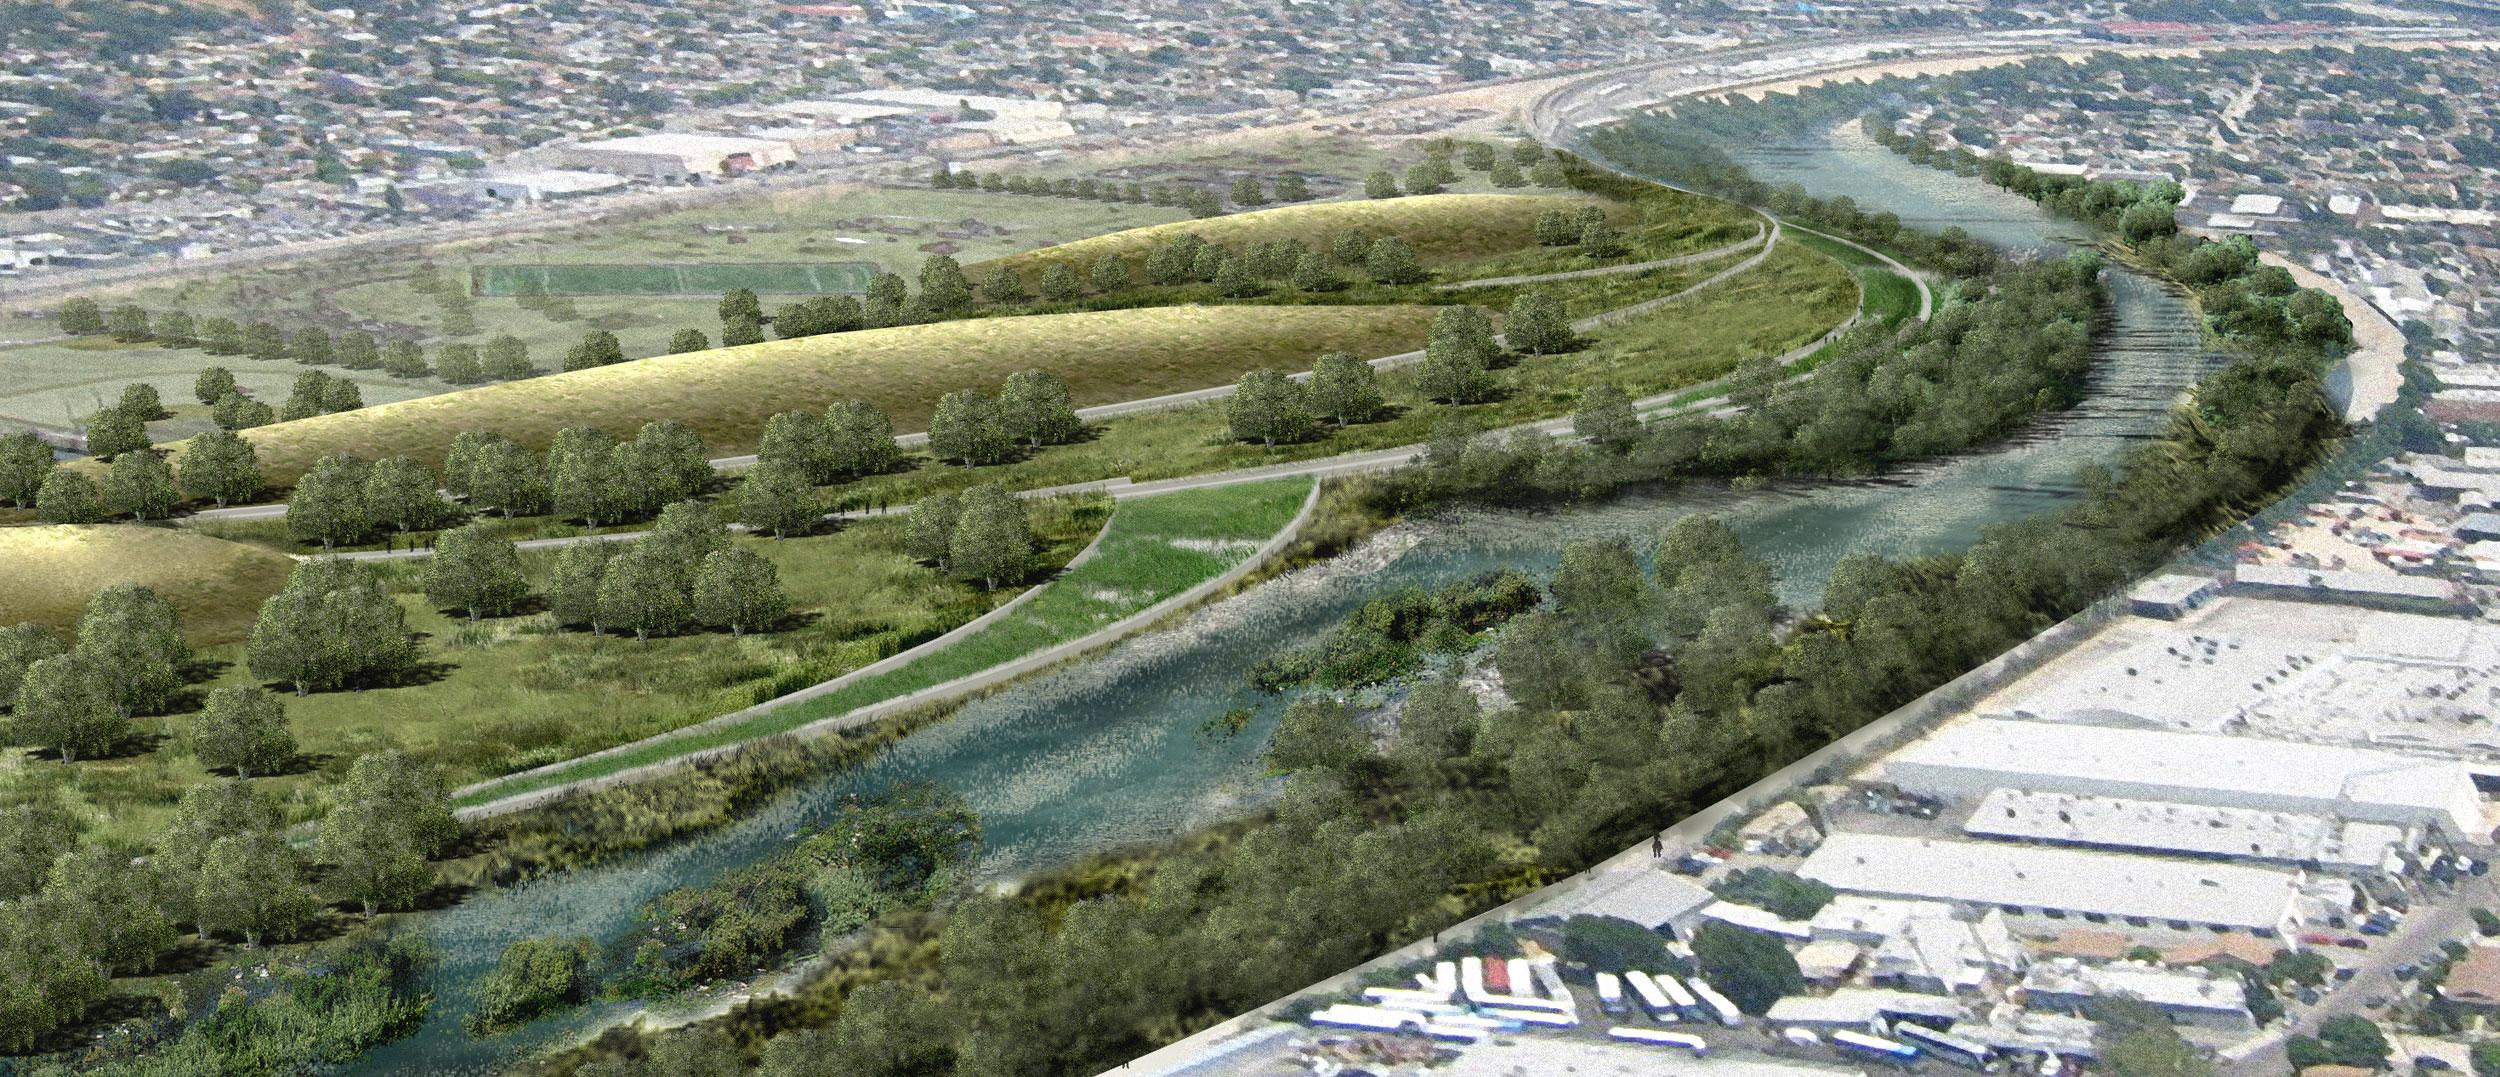 Los Angeles River Master Plan - Los Angeles, CA